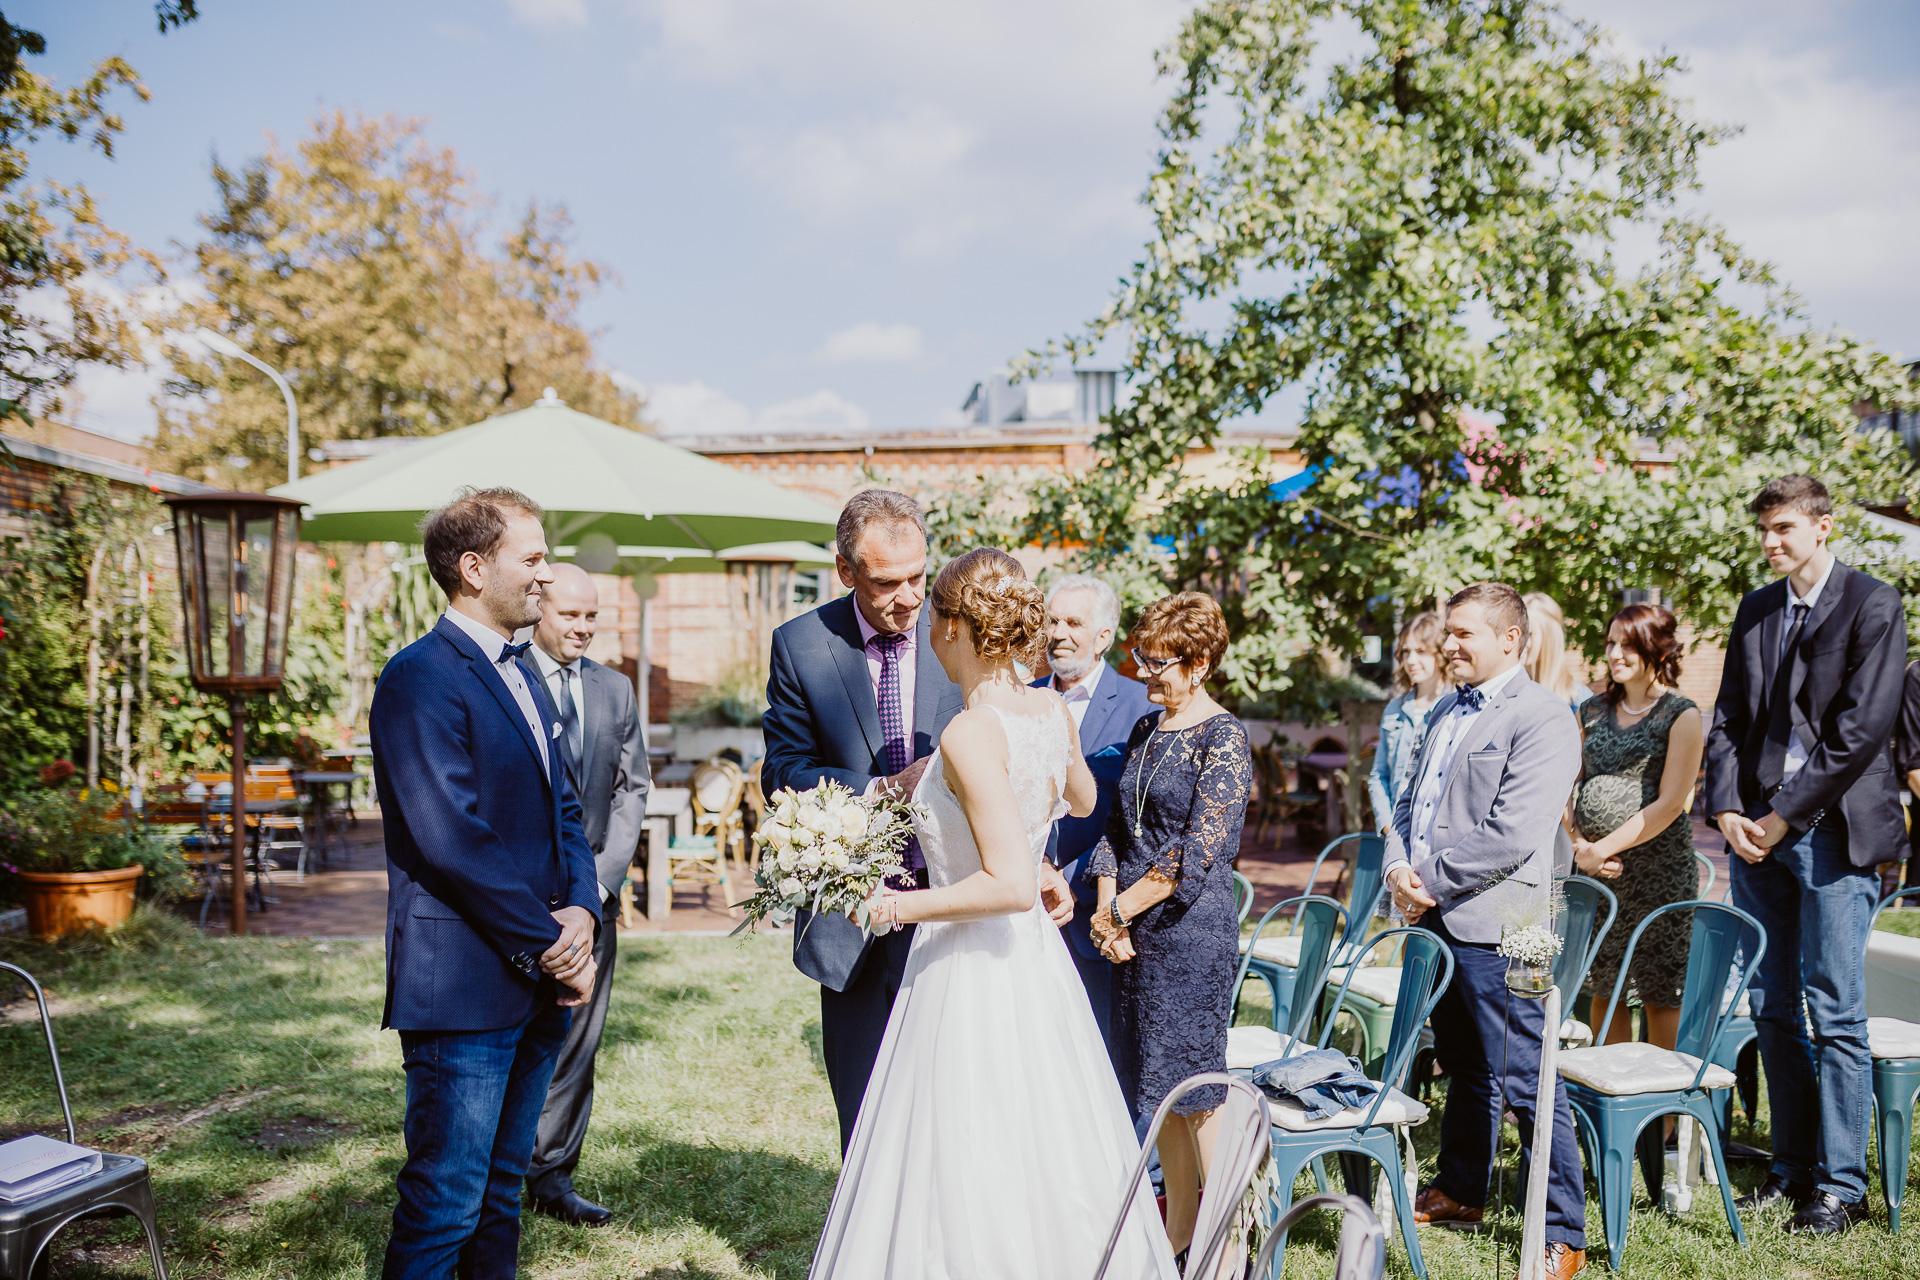 Alexander Utz, Fotografie, Hochzeit, Augsburg, Brautkleid, Brautstrauss-105